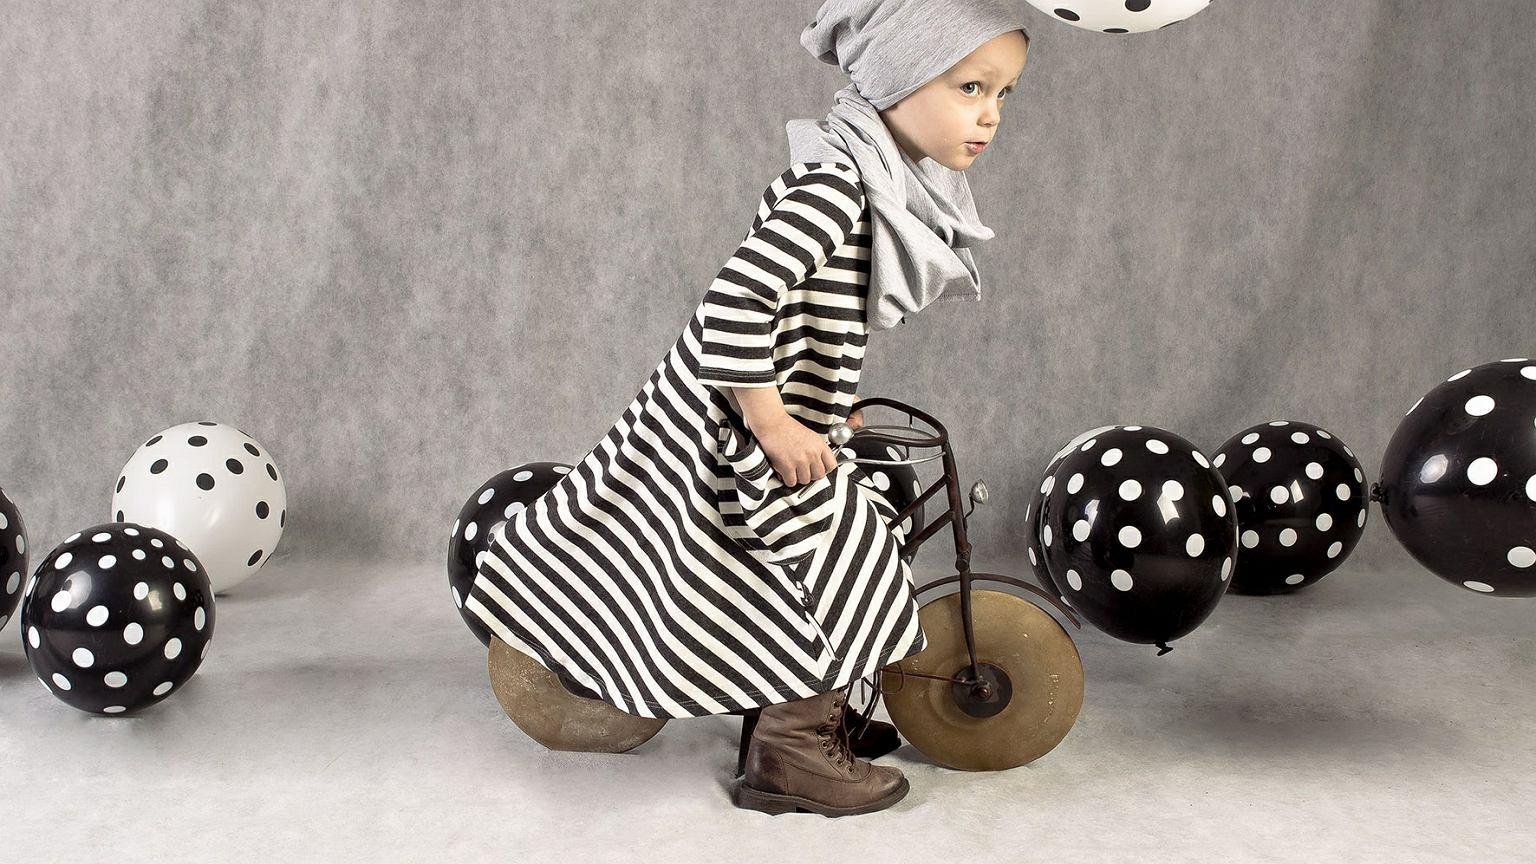 Projektantki z kielc ubieraj dzieci celebryt w zam wienia p yn nawet z libanu zdj cia House kolekcja